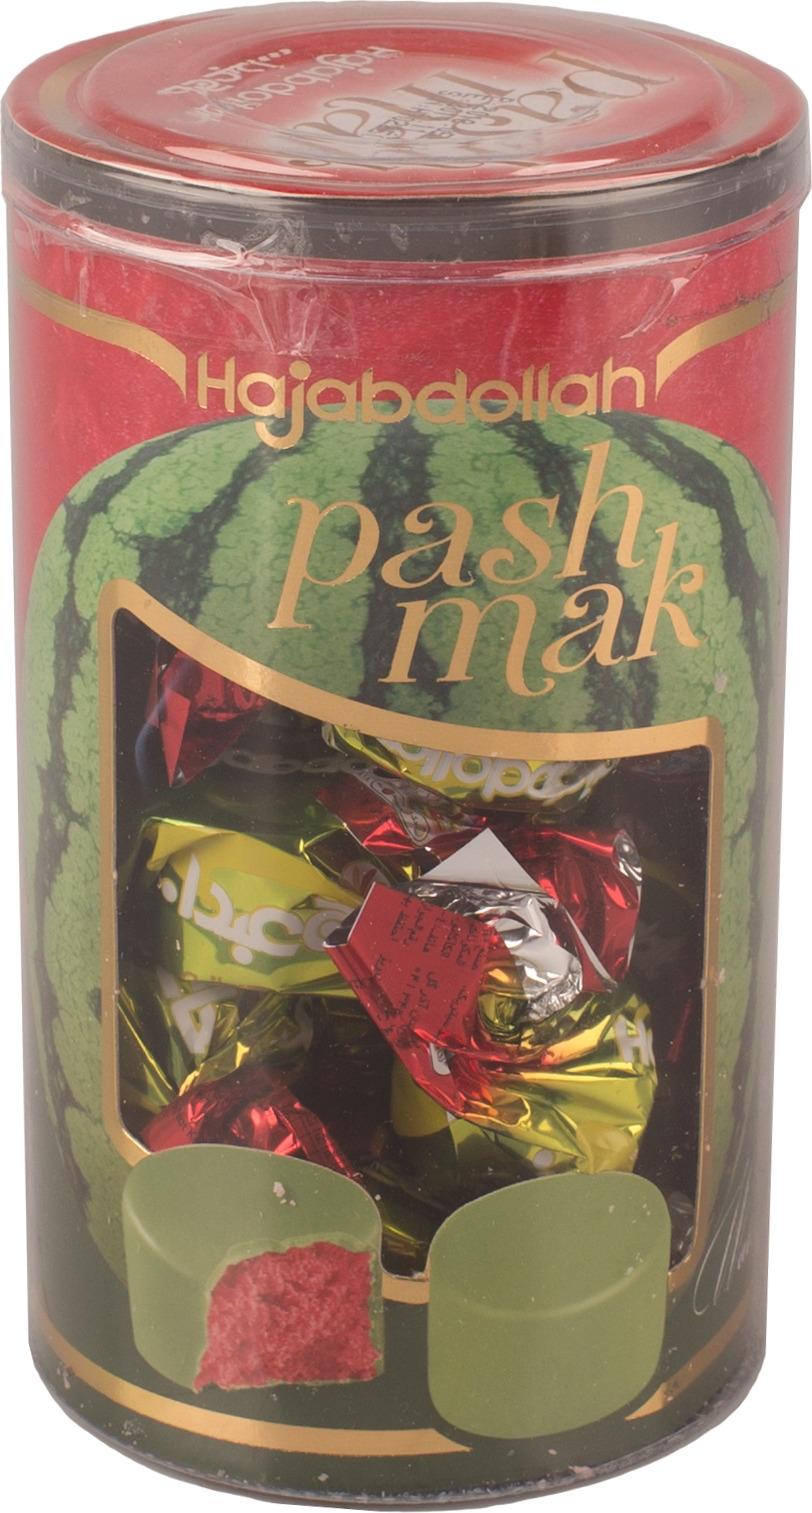 Конфеты из пашмалы Hajabdollah со вкусом арбуза во фруктовой глазури, 200 г коммунарка цитрон топ глазированная помадка со вкусом лимона конфеты 200 г